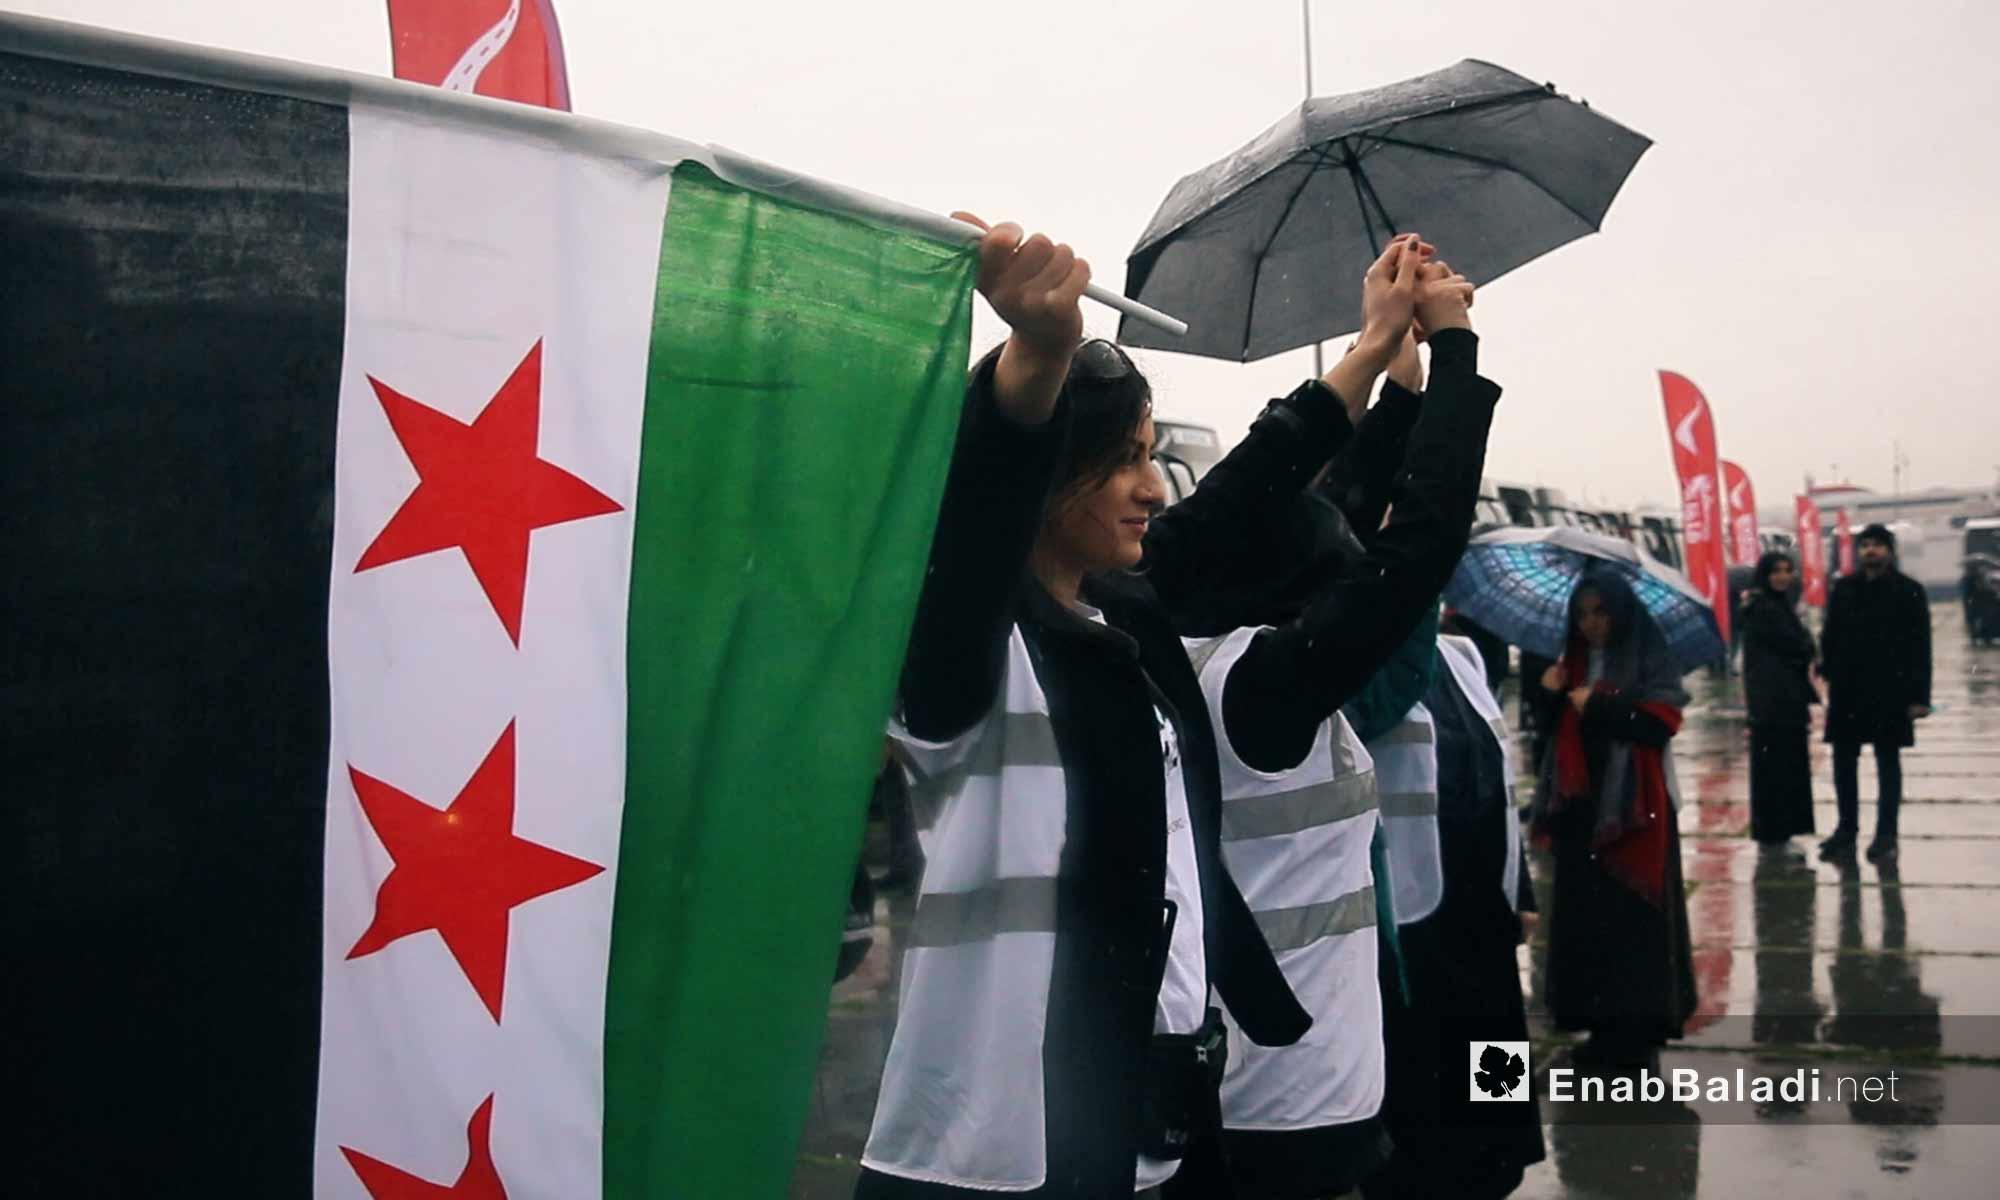 """مشاركات يرفعن علم الثورة السورية مع انطلاق قافلة """"َالضمير"""" لدعم المعتقلات السوريات في اسطنبول - 6 آذار 2018 (عنب بلدي)"""